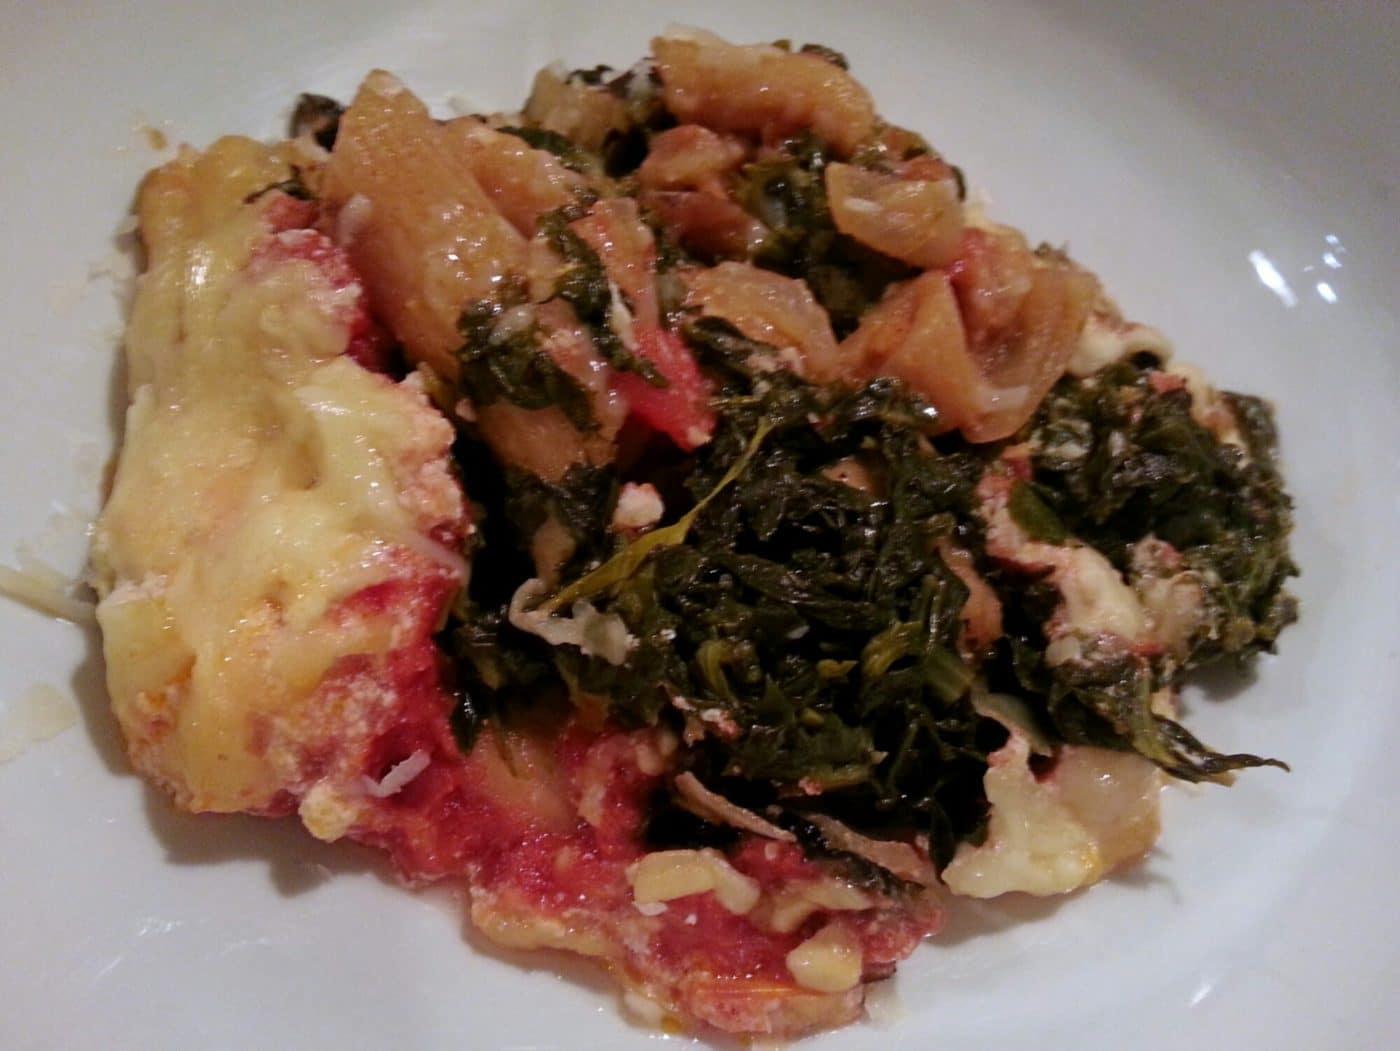 Recipe: Slow Cooker Shepherd's Pie (Gluten-Free)